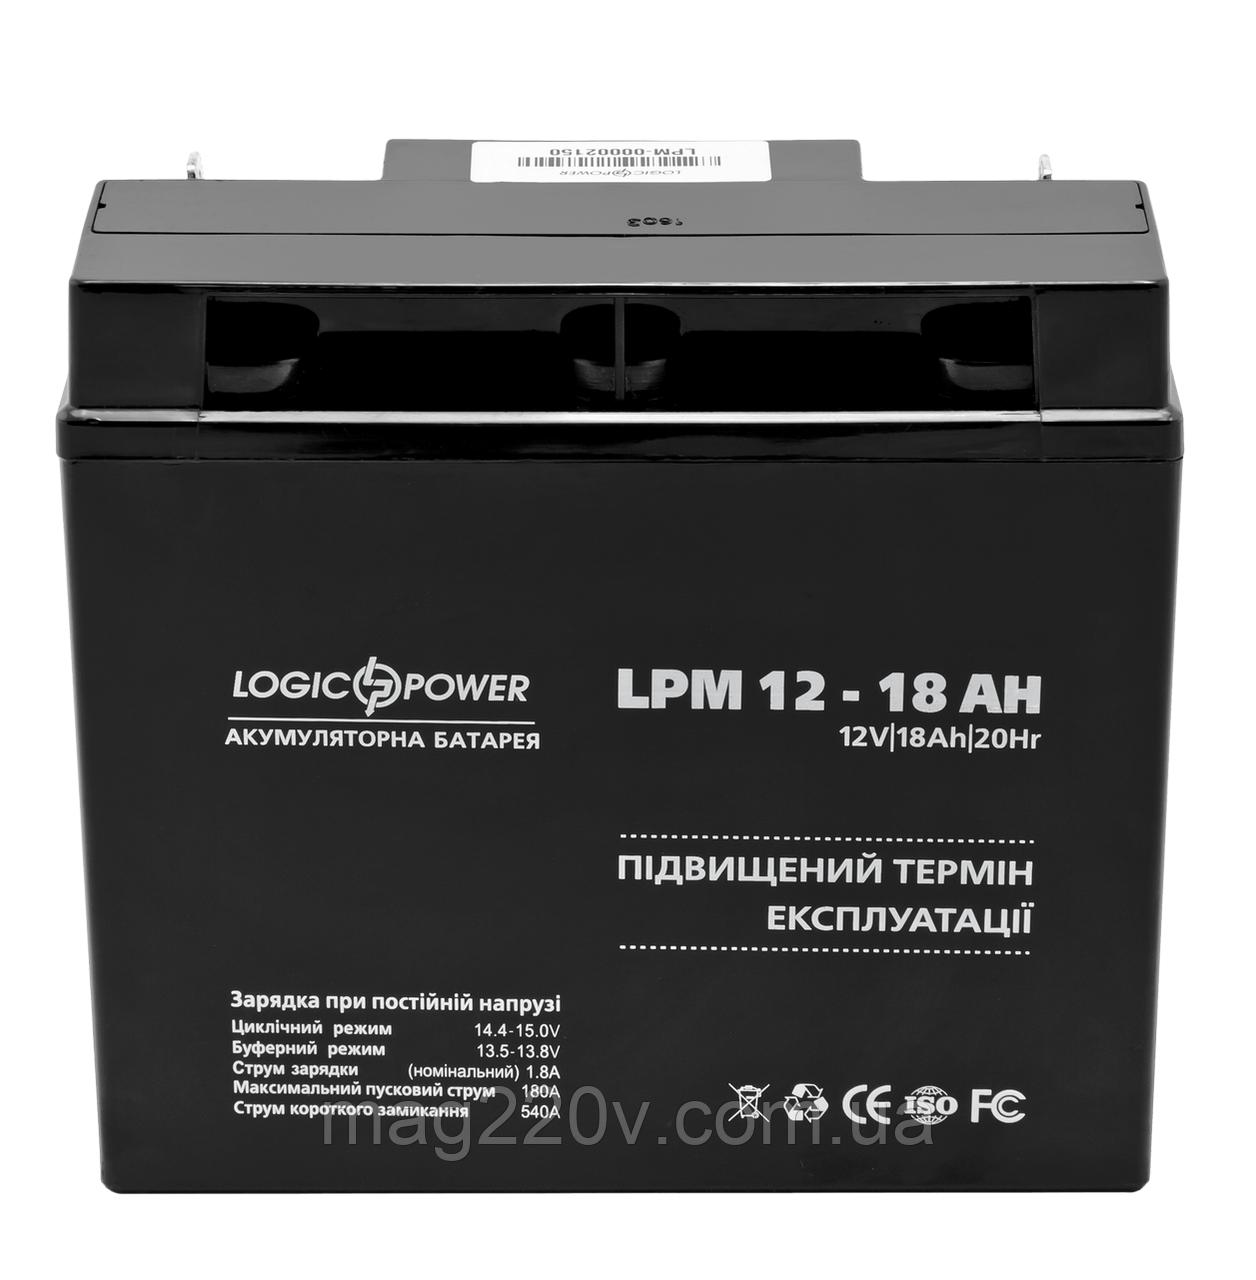 Аккумуляторная батарея  AGM LPM 12 - 18 AH